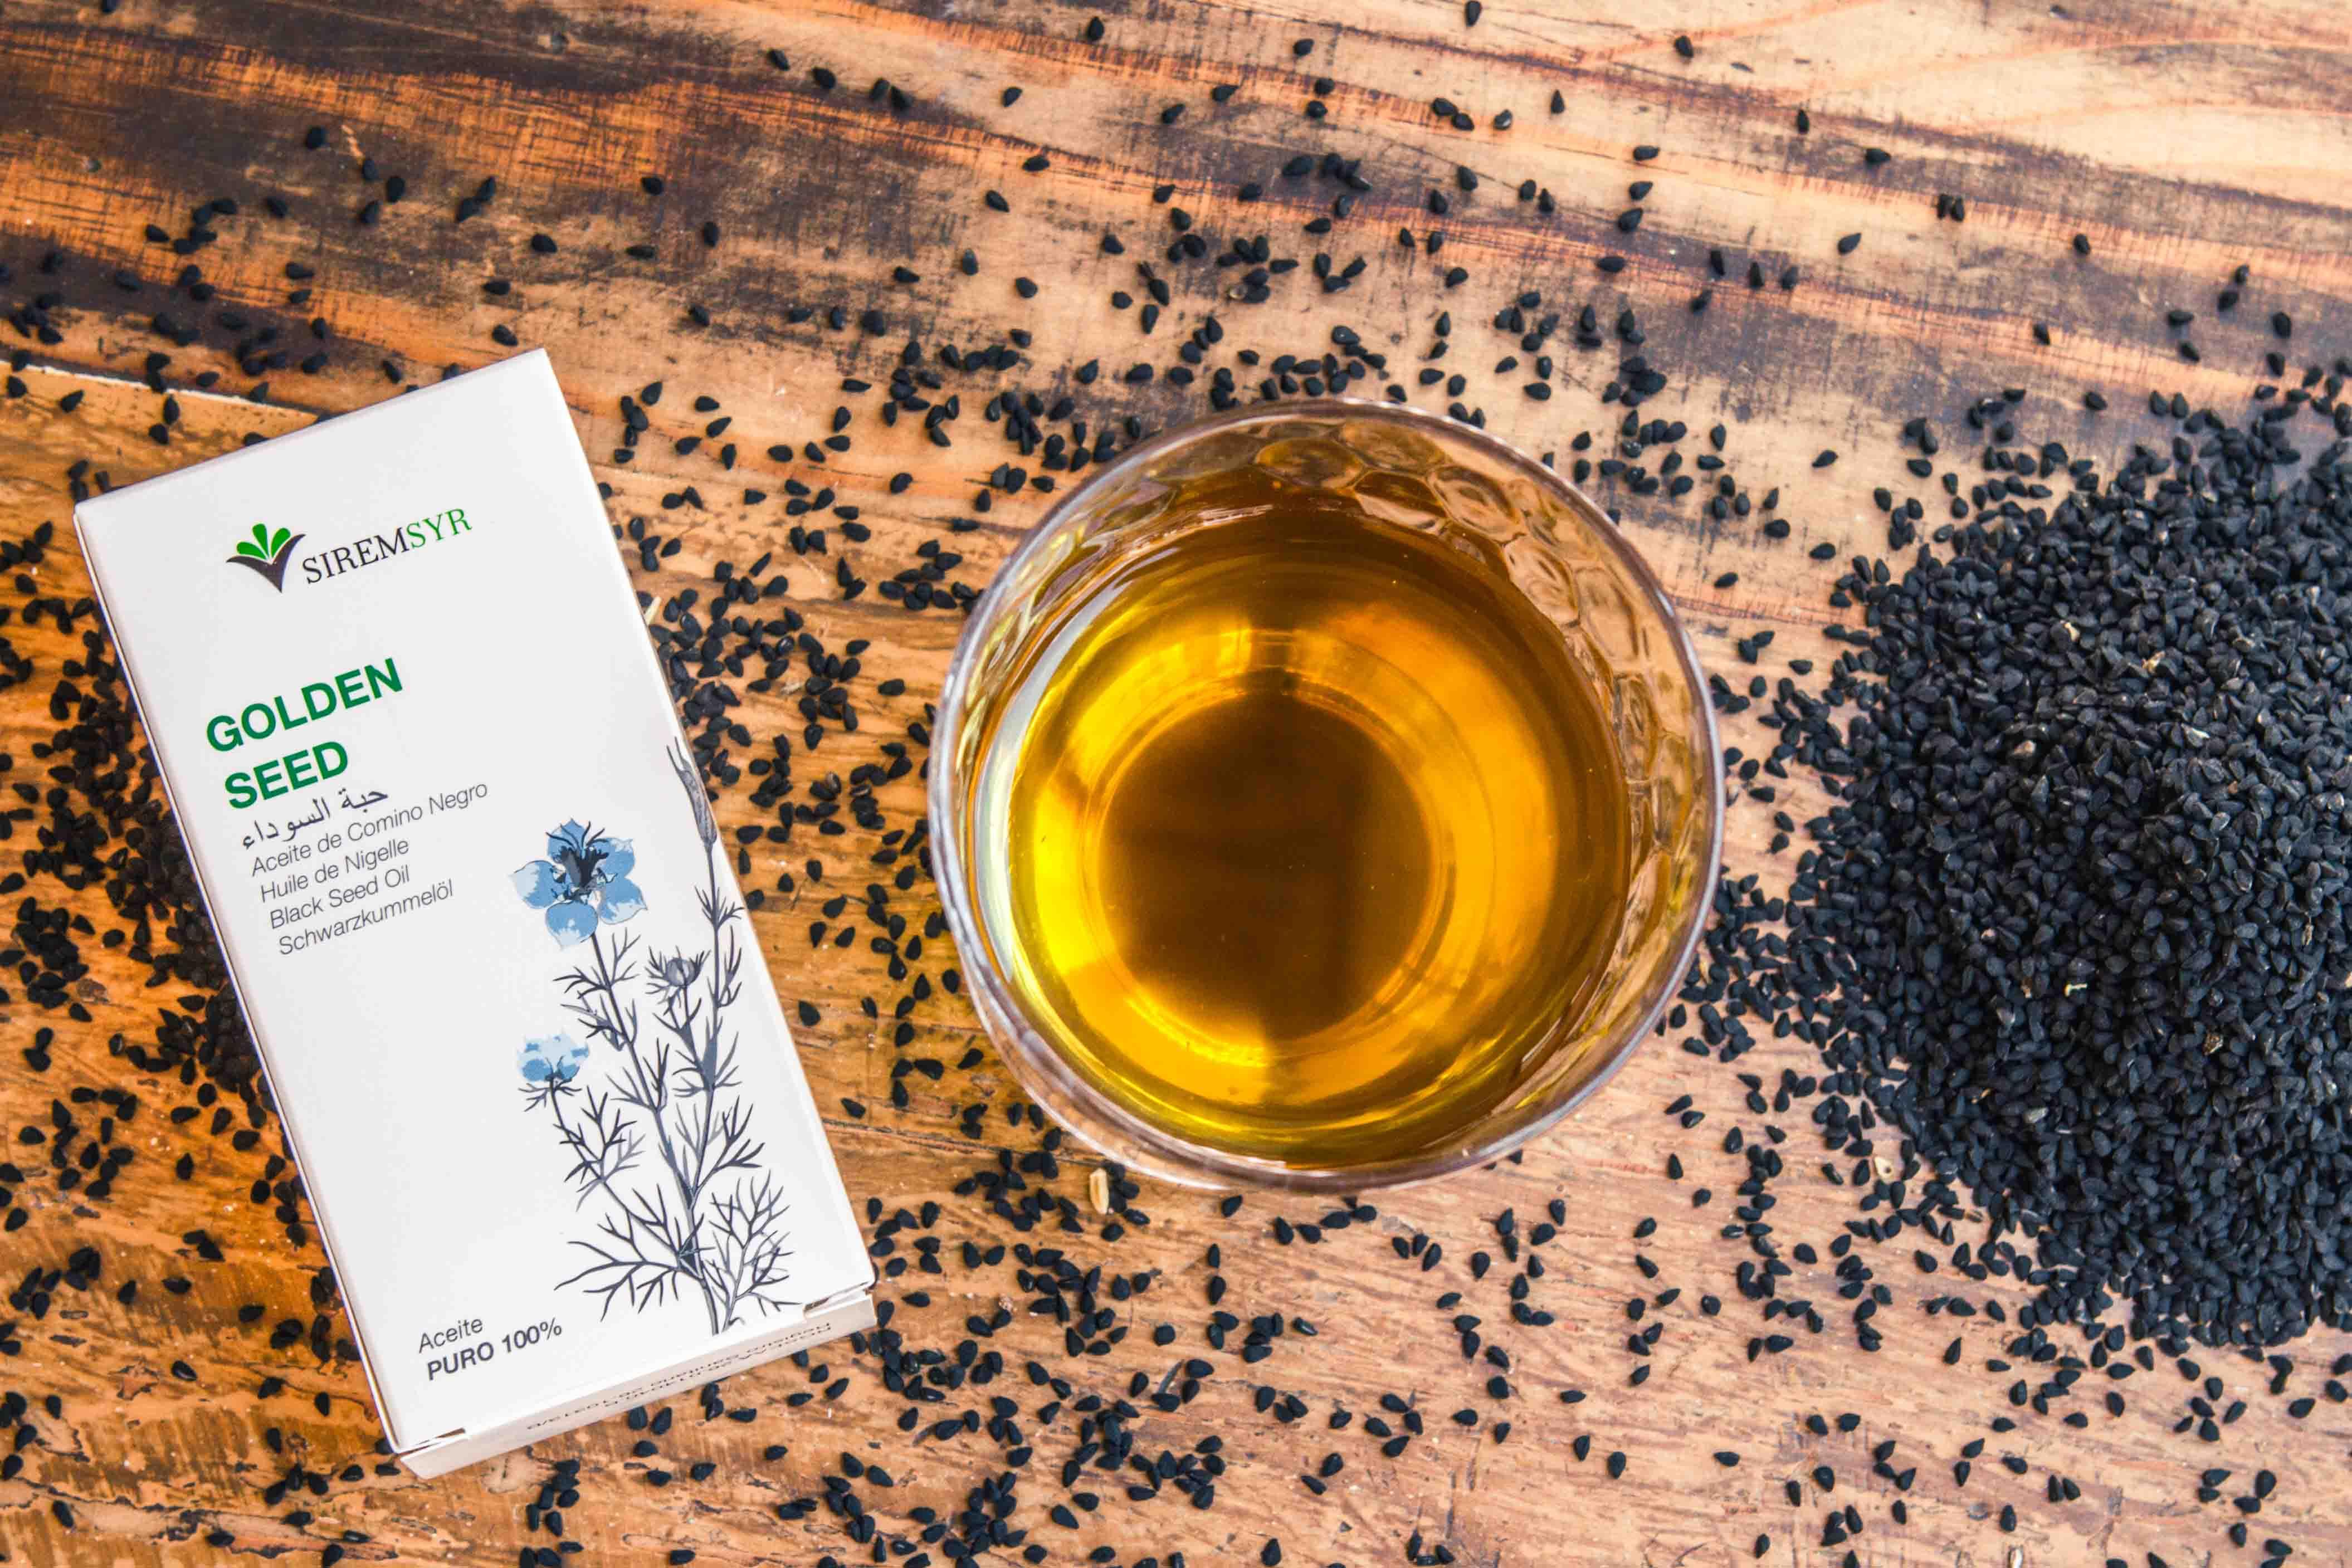 golden seed para mitigar las enfermedades de la piel